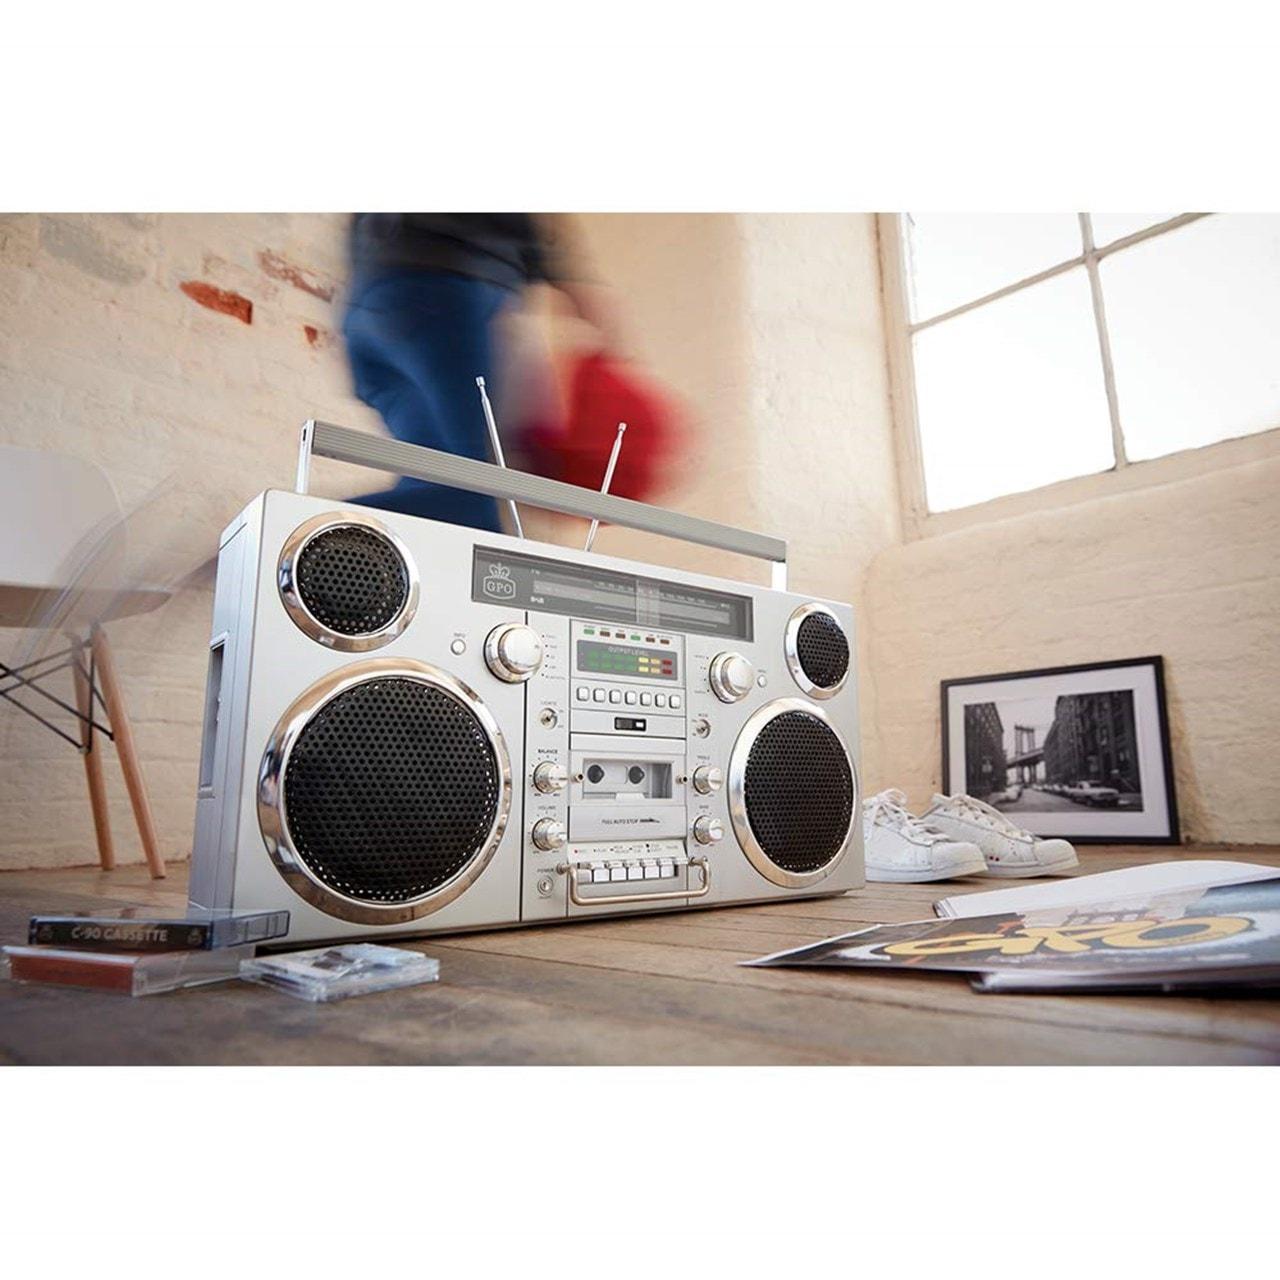 GPO Brooklyn Portable Boombox - 5